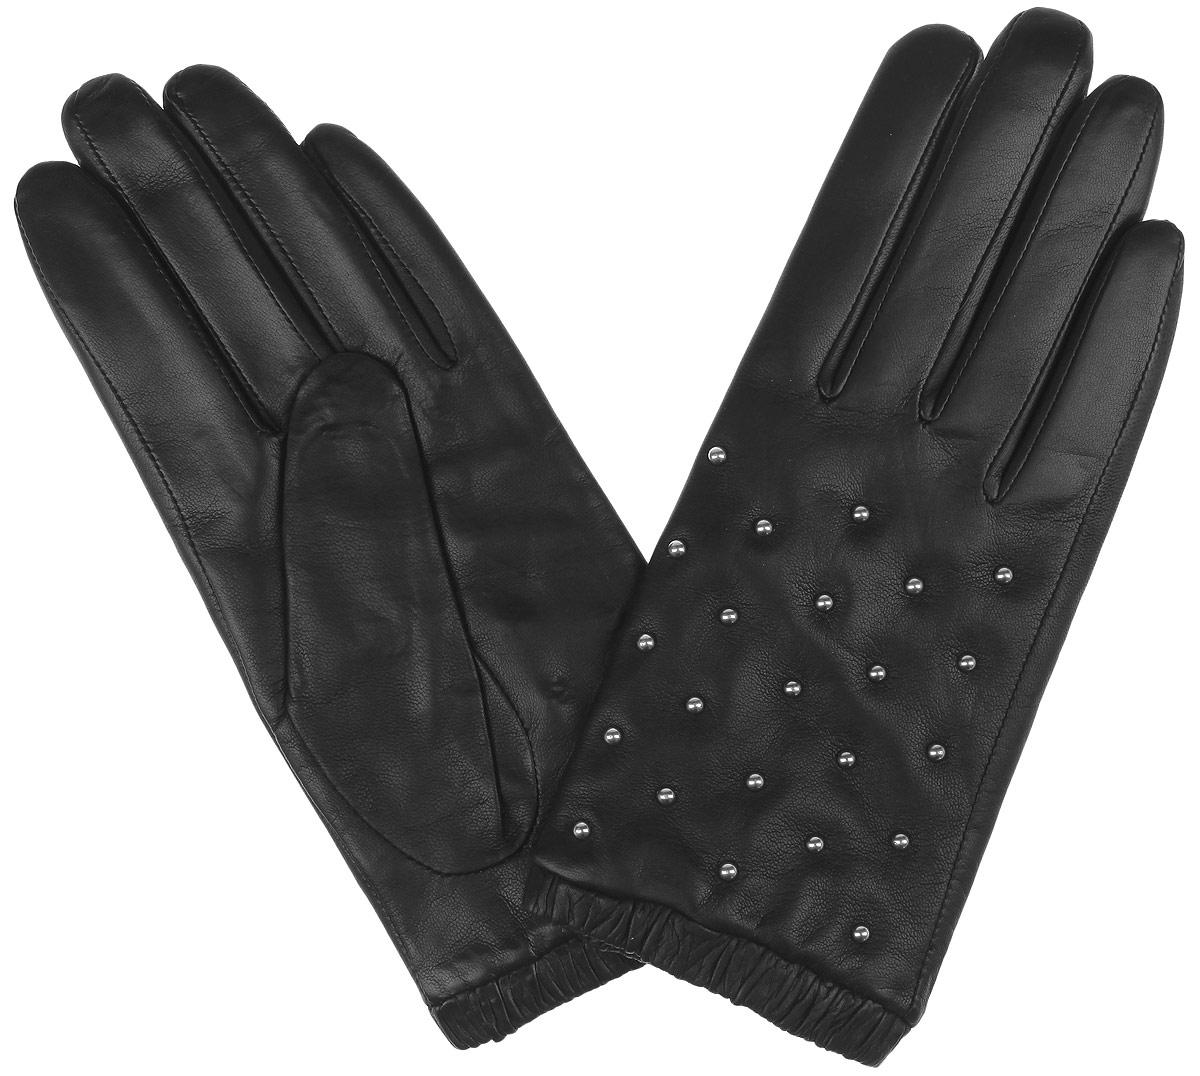 Перчатки женские Fabretti, цвет: черный. 2.65-1 black. Размер 72.65-1 blackМодные женские перчатки Fabretti выполнены из кожи эфиопского ягненка, а их подкладка - из шерсти с добавлением кашемира. Лицевая сторона украшена металлическими хольнитенами. Манжеты оснащены эластичными резинками для оптимальной посадки модели на руке.Перчатки станут завершающим и подчеркивающим элементом вашего стиля инеповторимости.